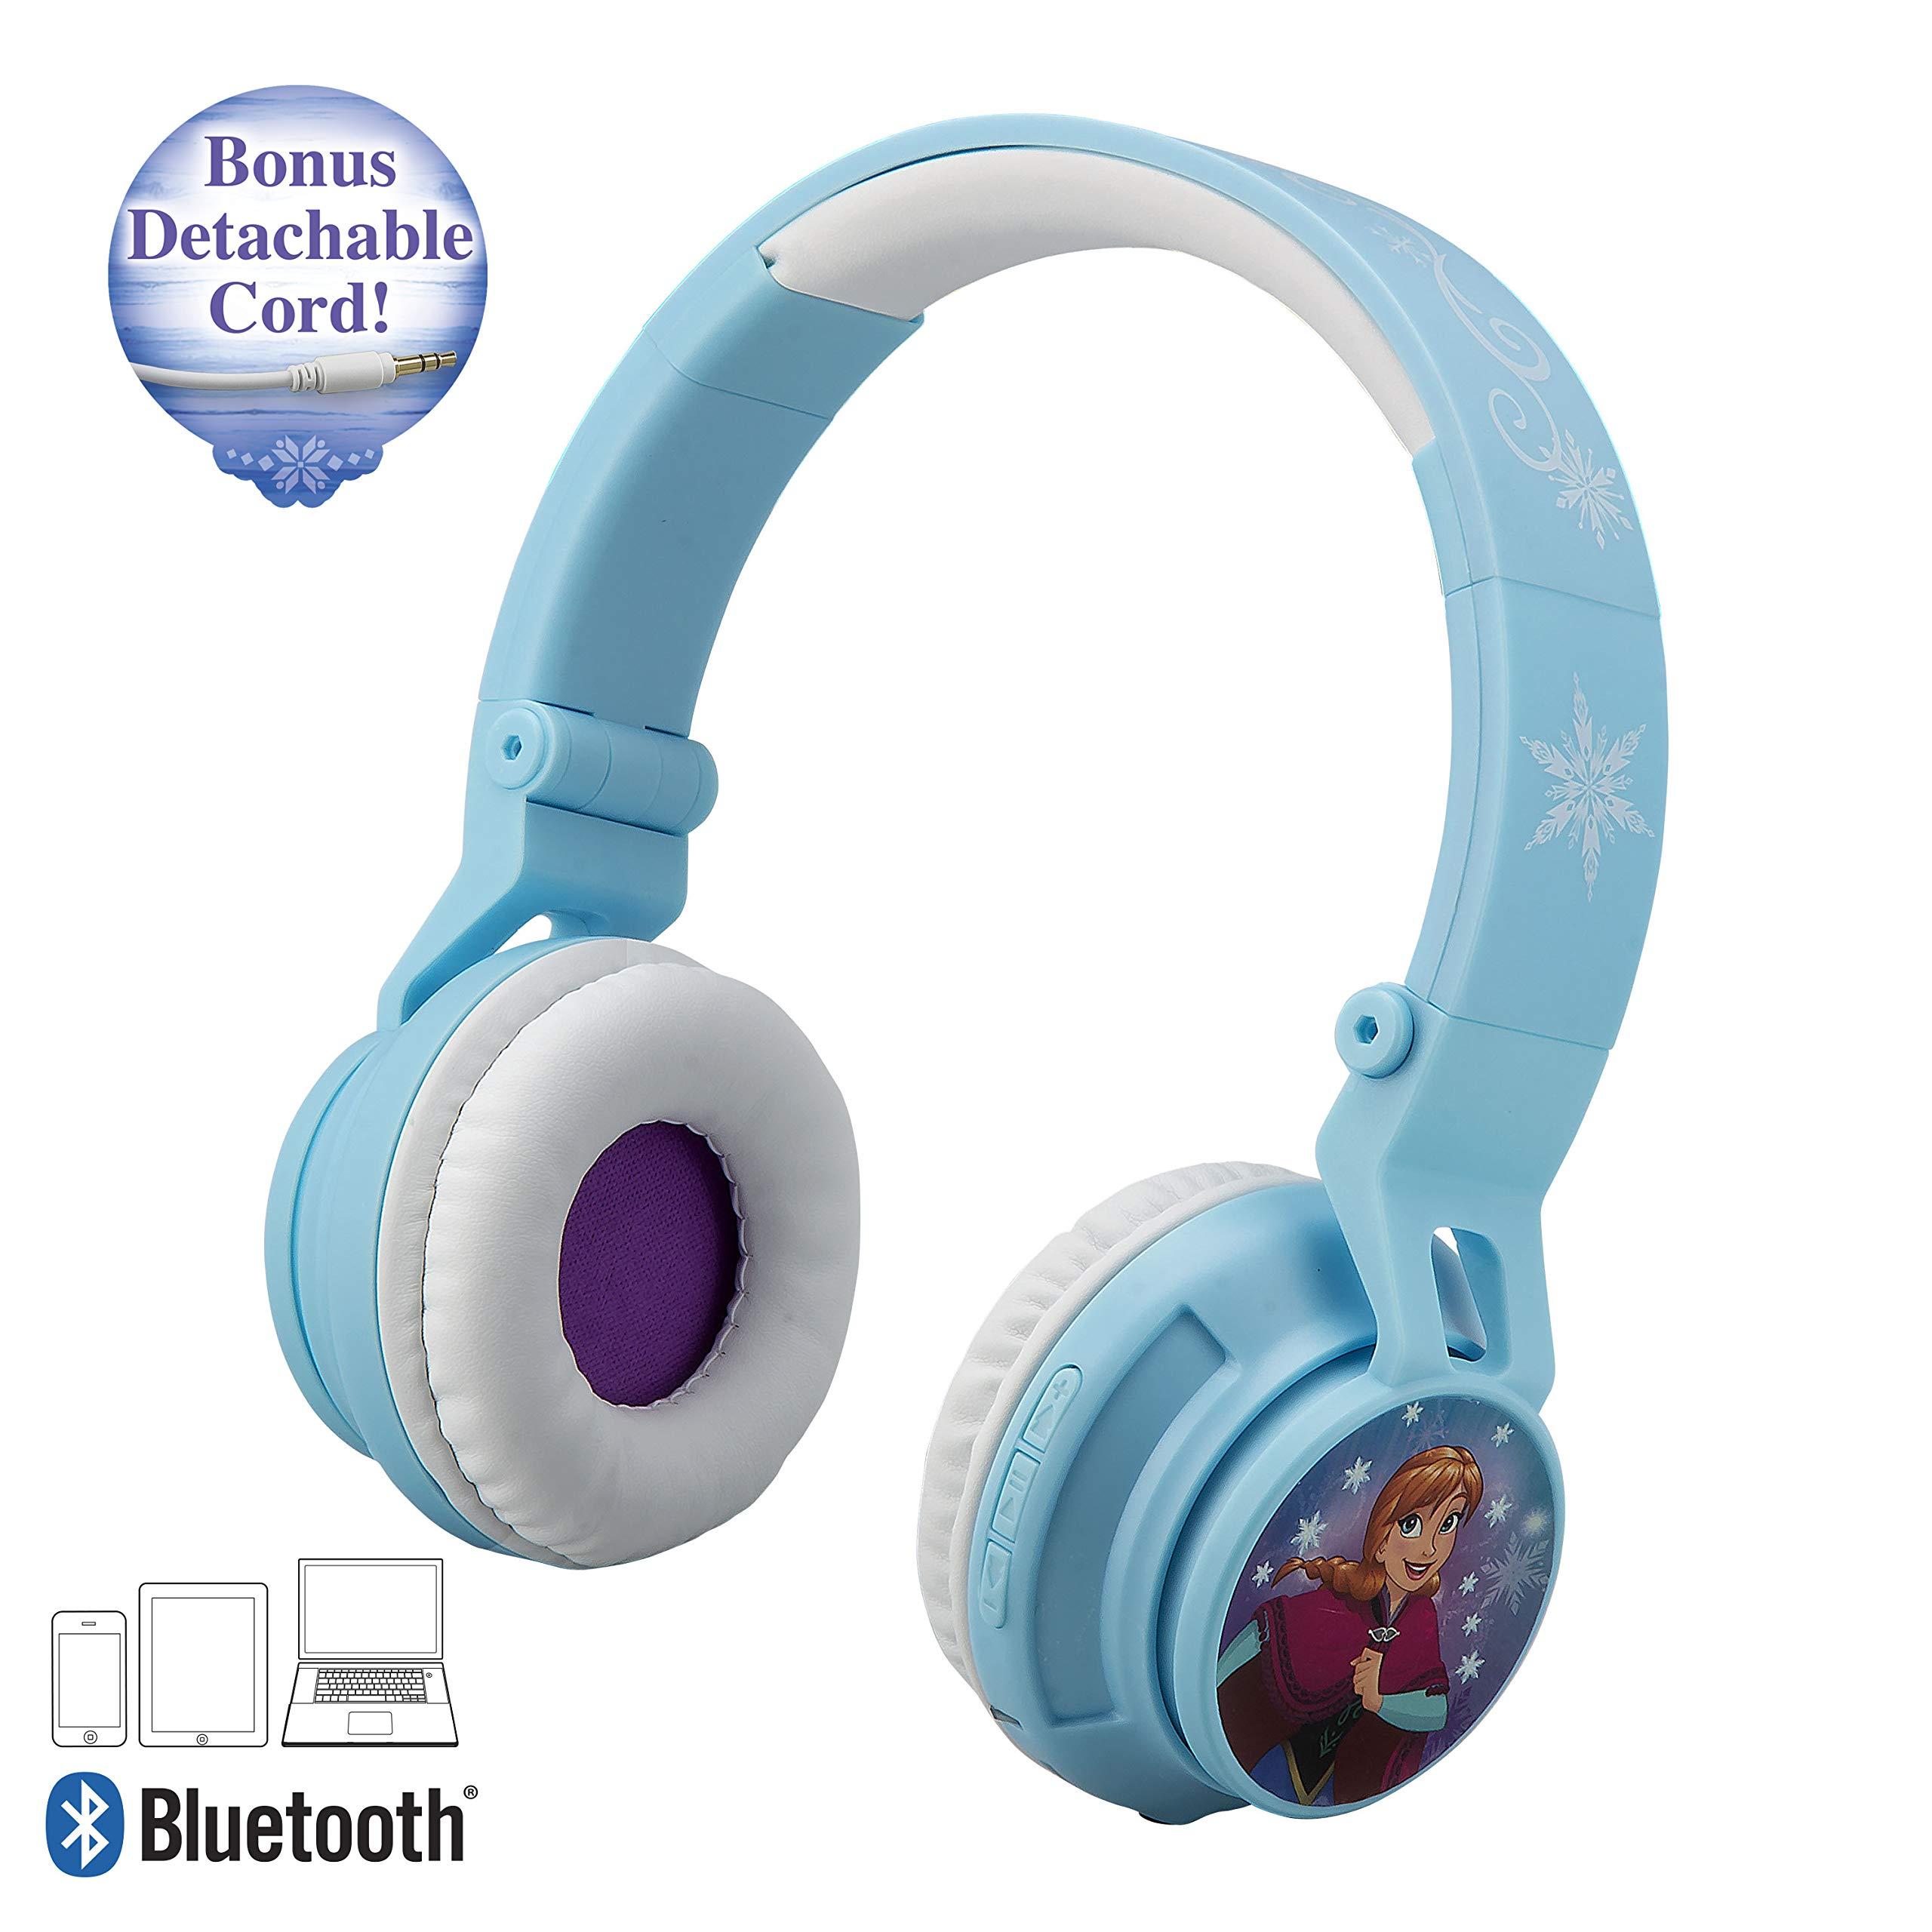 Frozen Bluetooth Headphones Disney Movie Wireless Kid Friendly Sound with Anna & Elsa Graphics